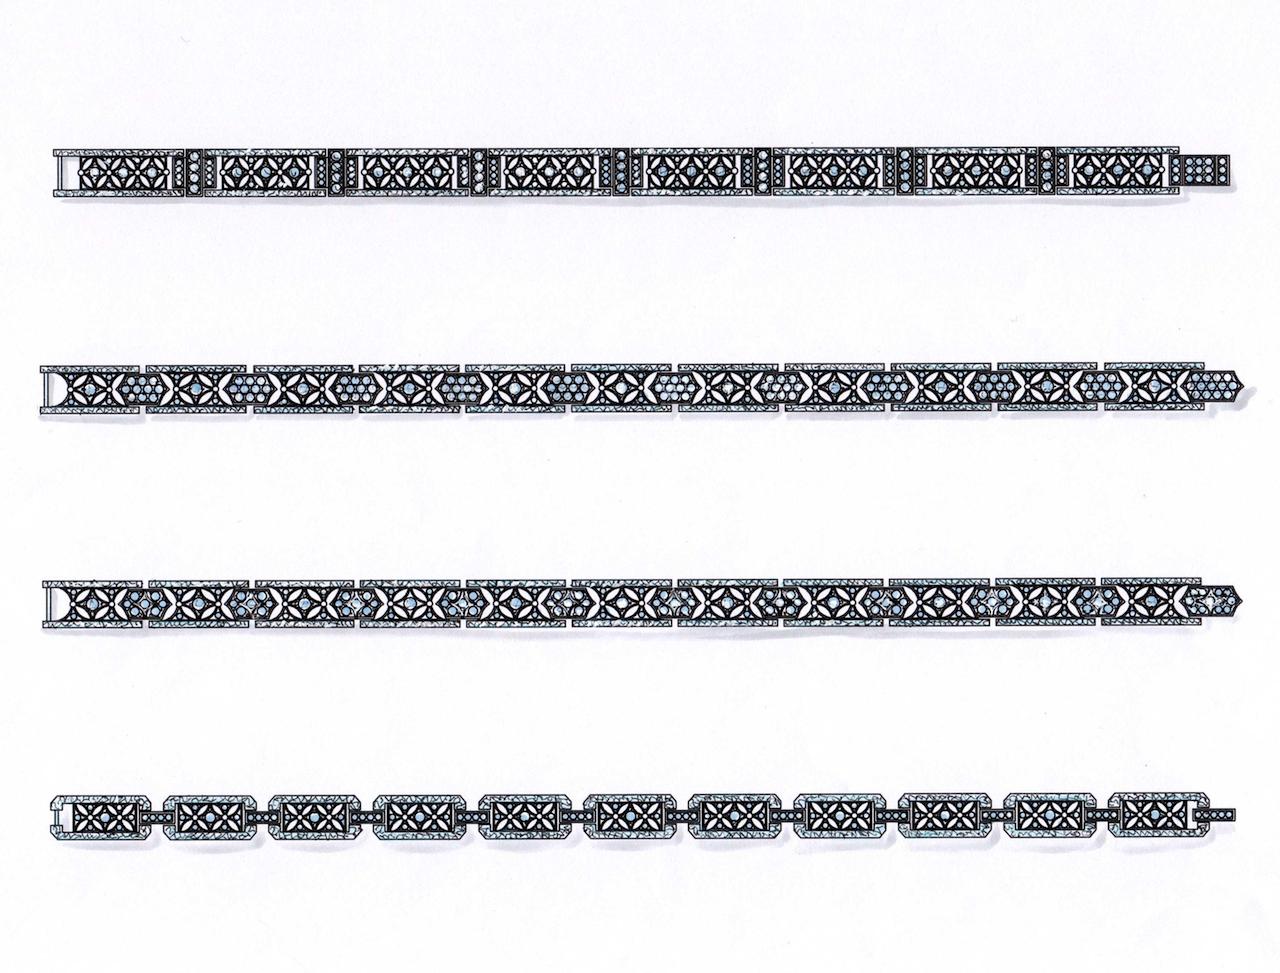 銀座ジュエリーサロンのデザイナーにいろいろな提案がありました。